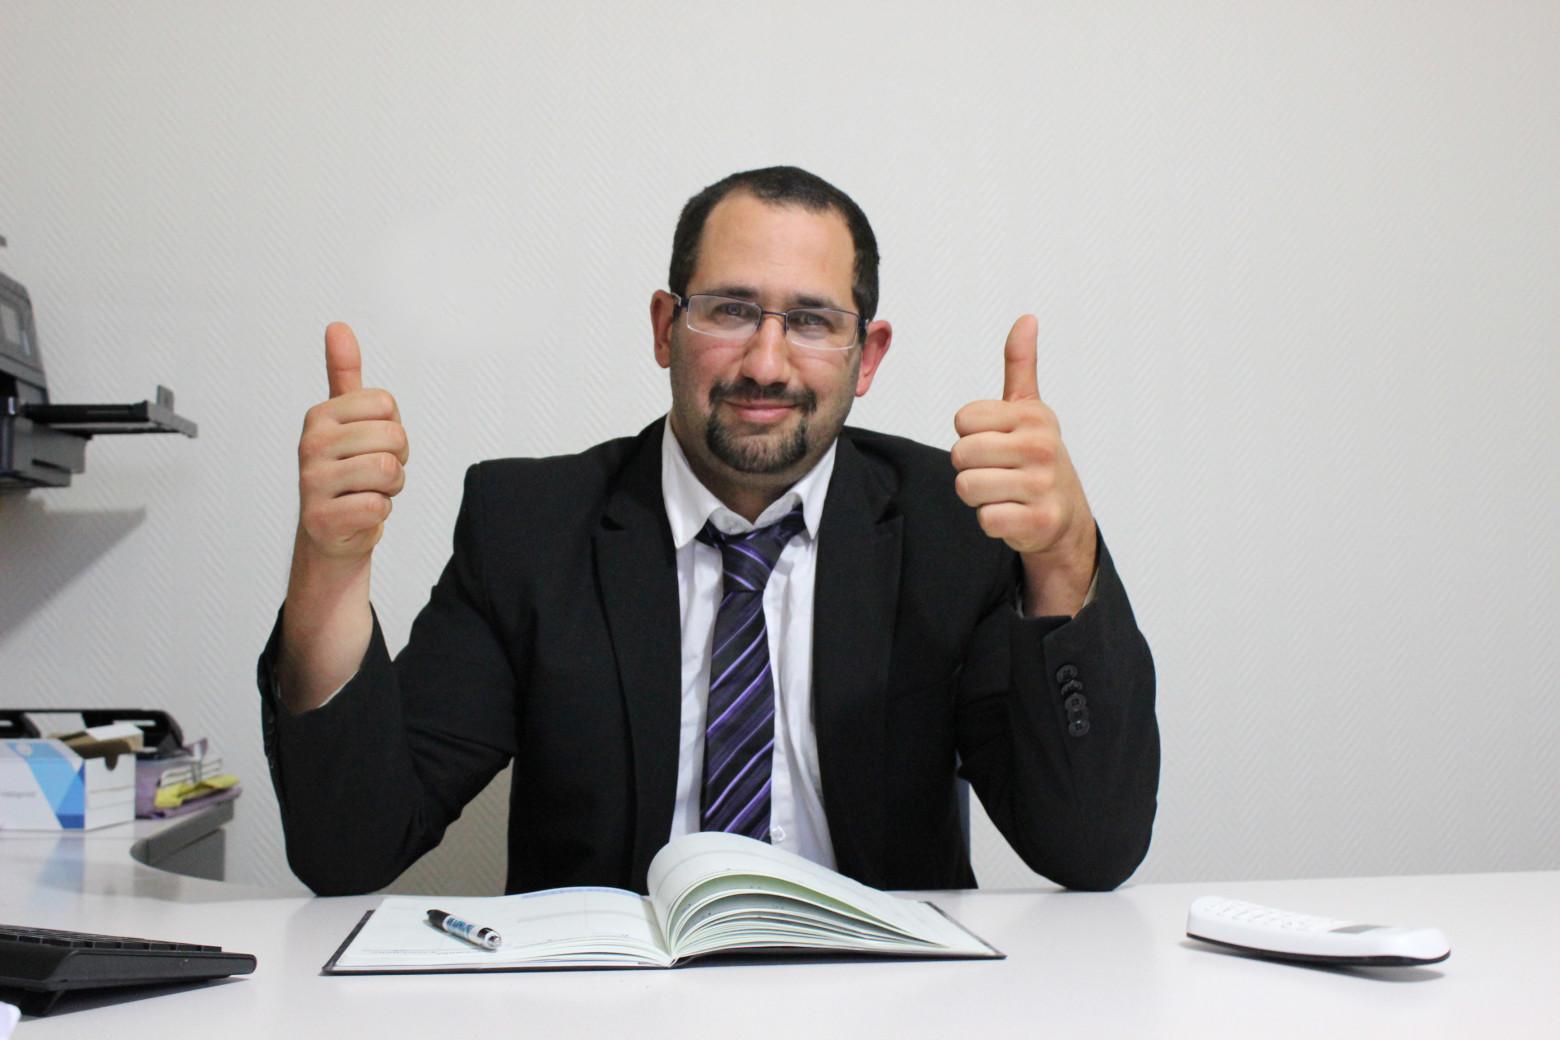 Homme bureau travail entreprise businessman photos for Bureau images gratuites